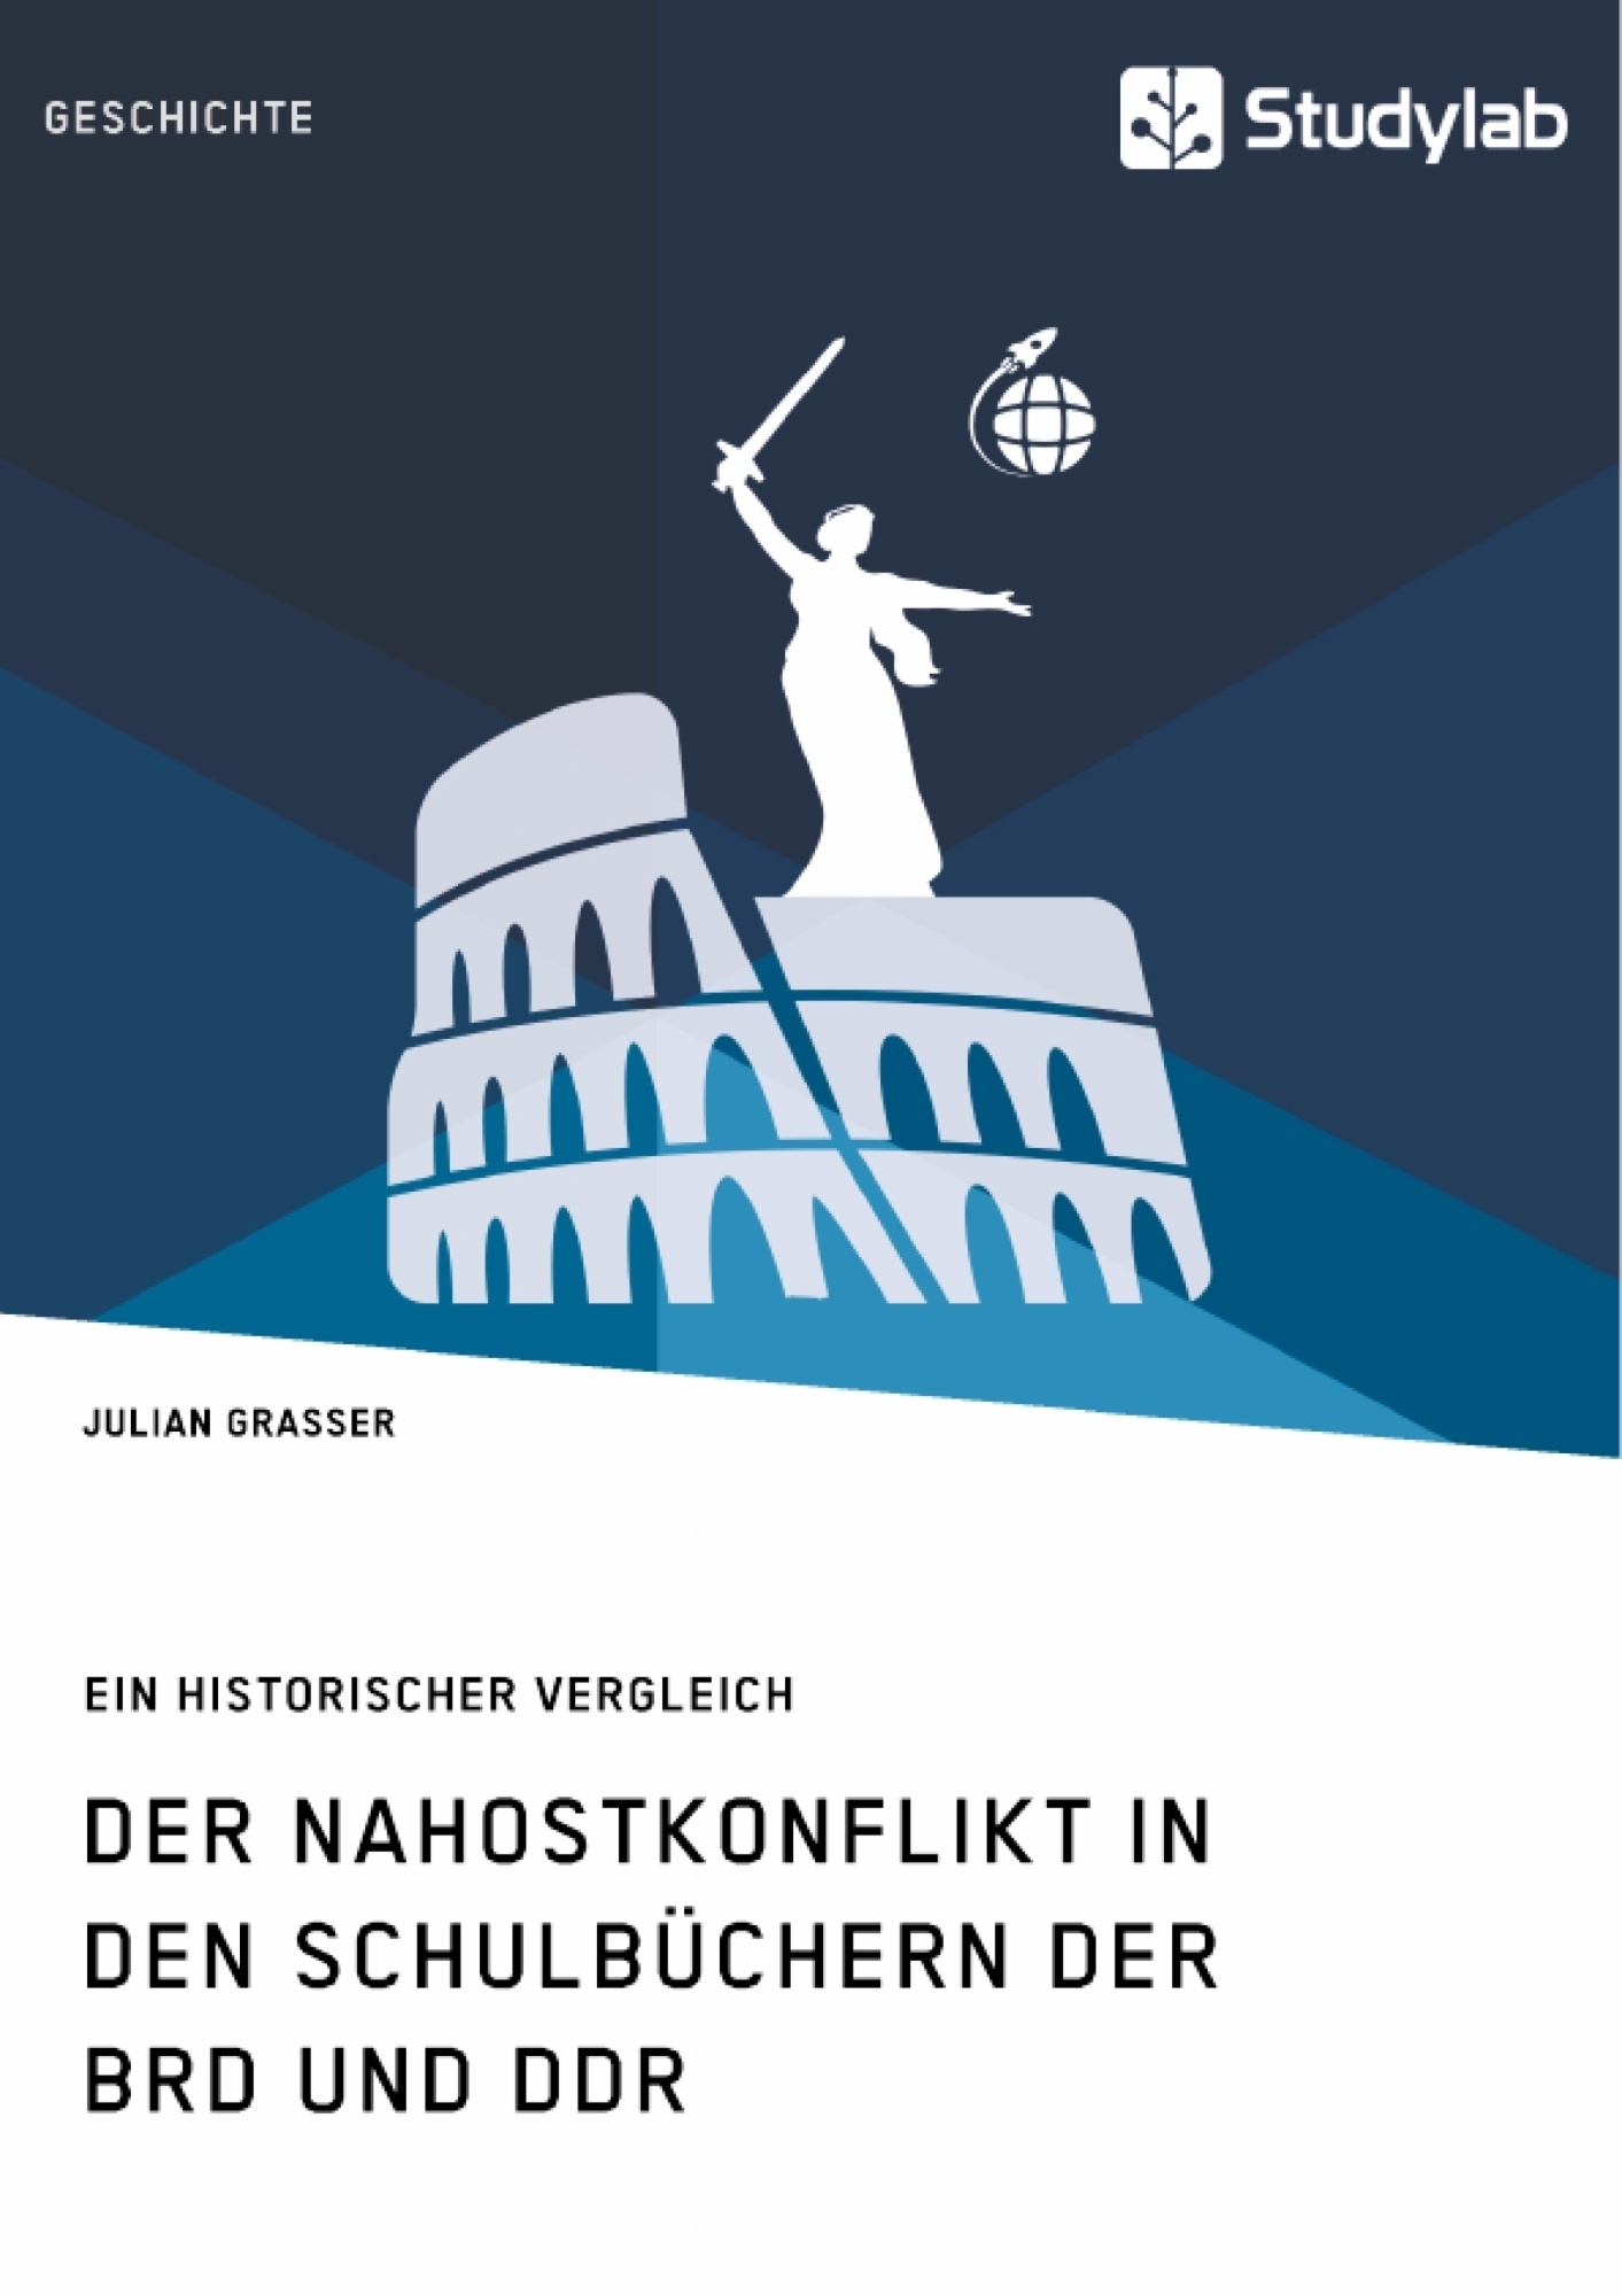 Titel: Der Nahostkonflikt in den Schulbüchern der BRD und DDR